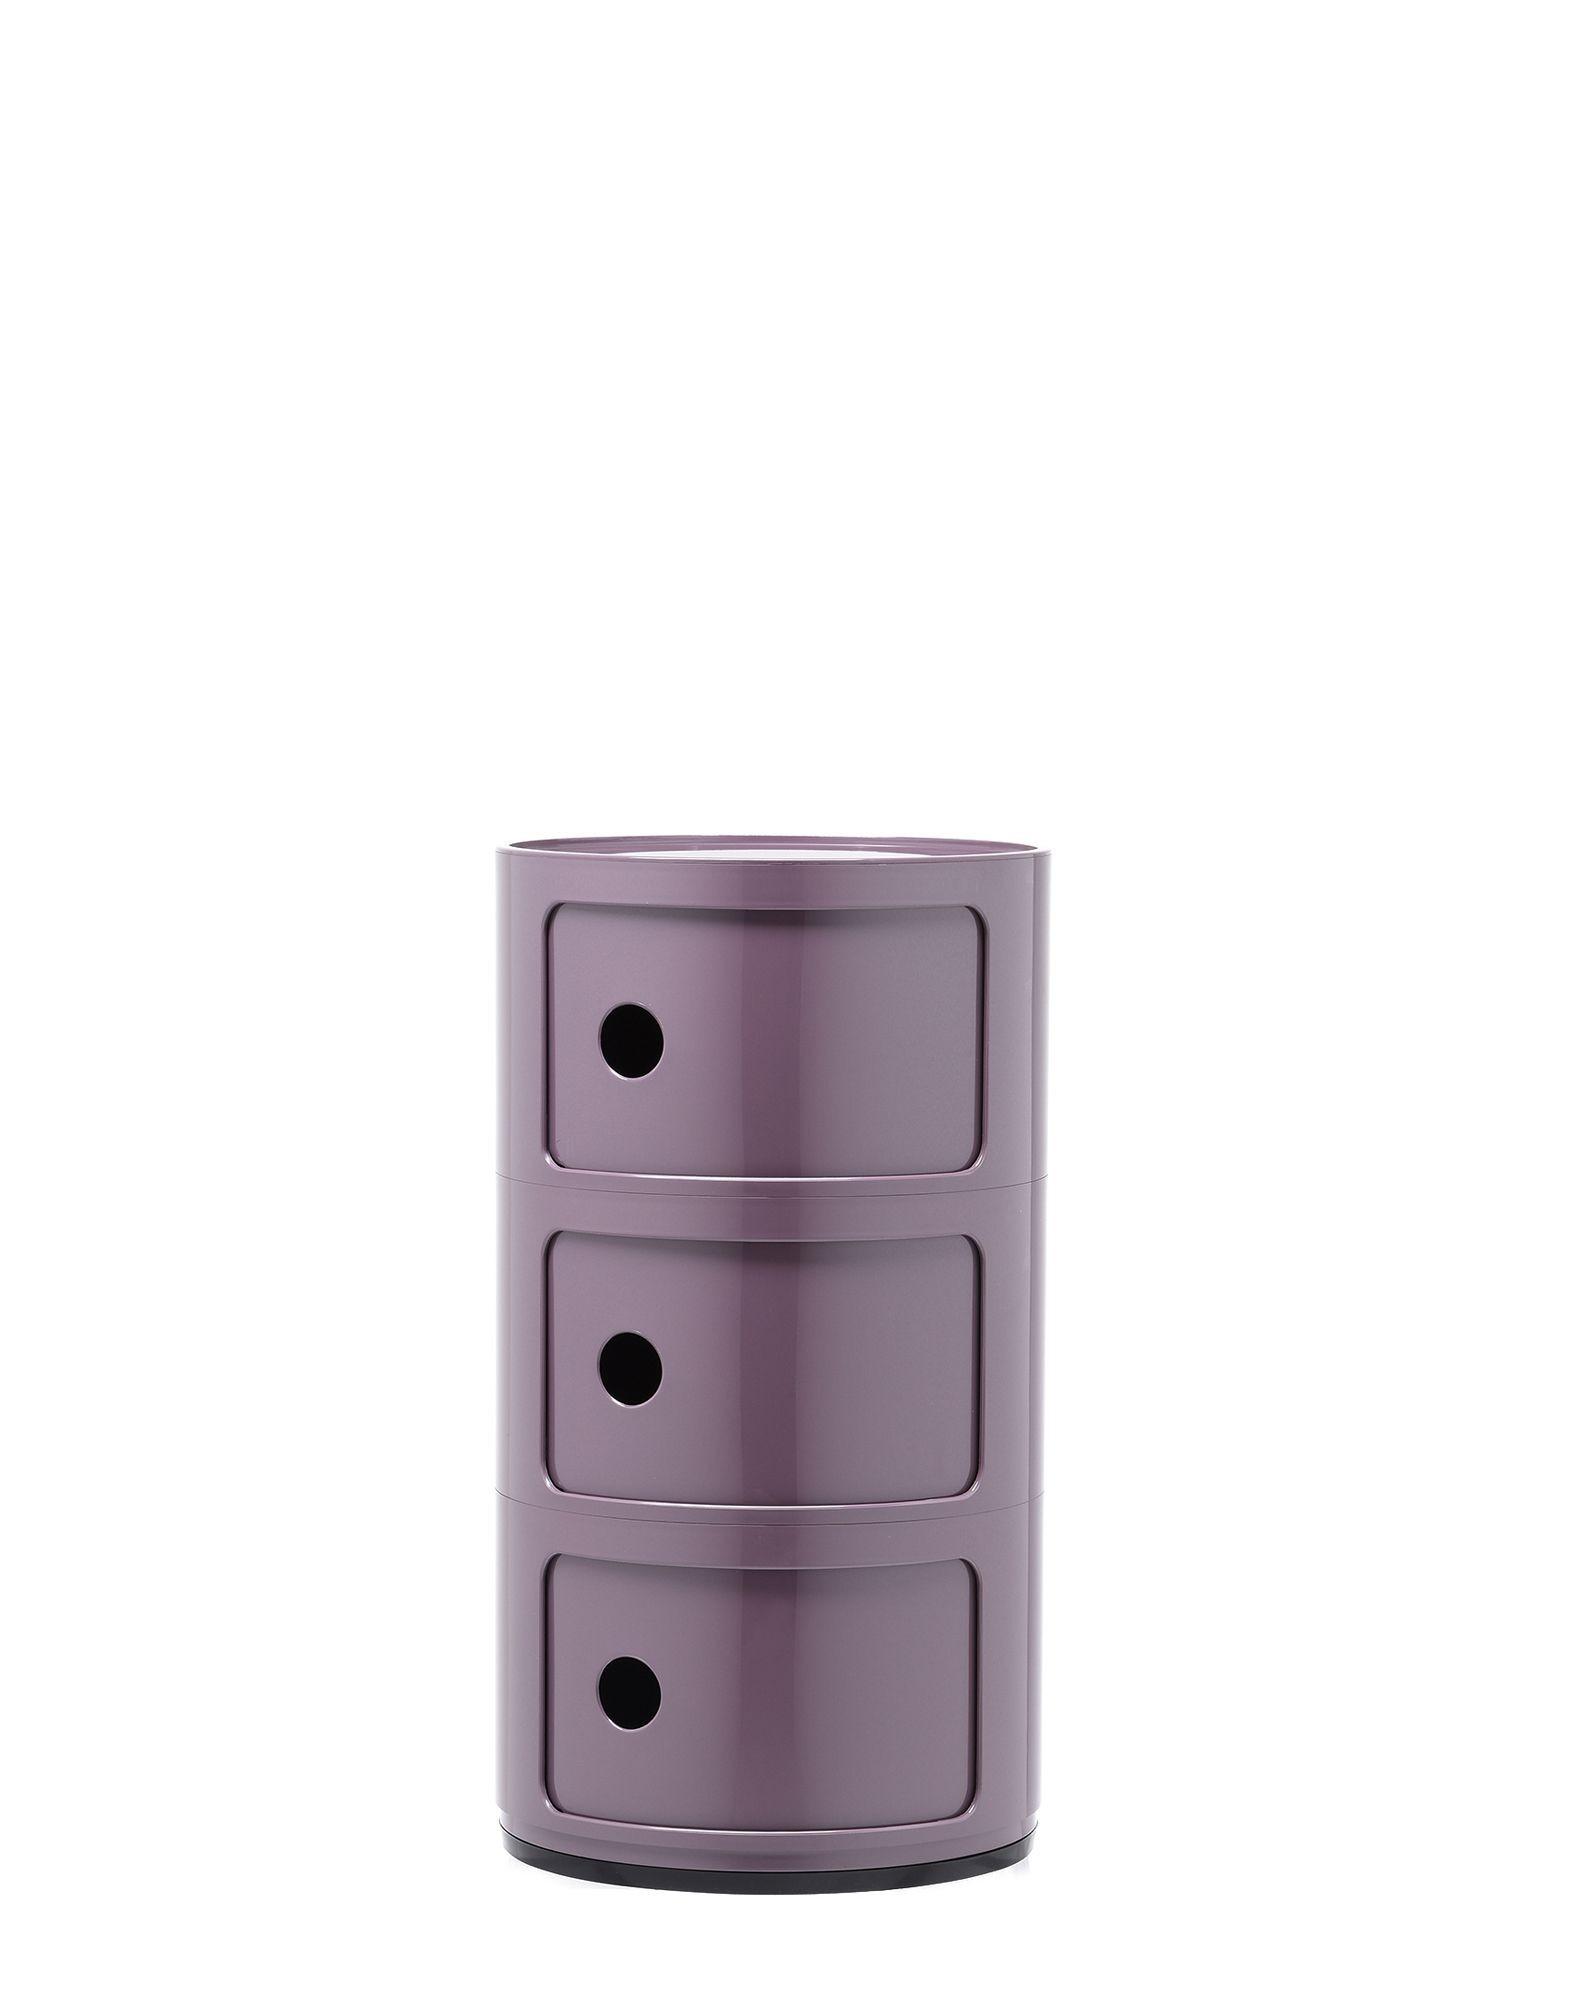 meuble de rangement componibili de kartell moyen mod le violet. Black Bedroom Furniture Sets. Home Design Ideas